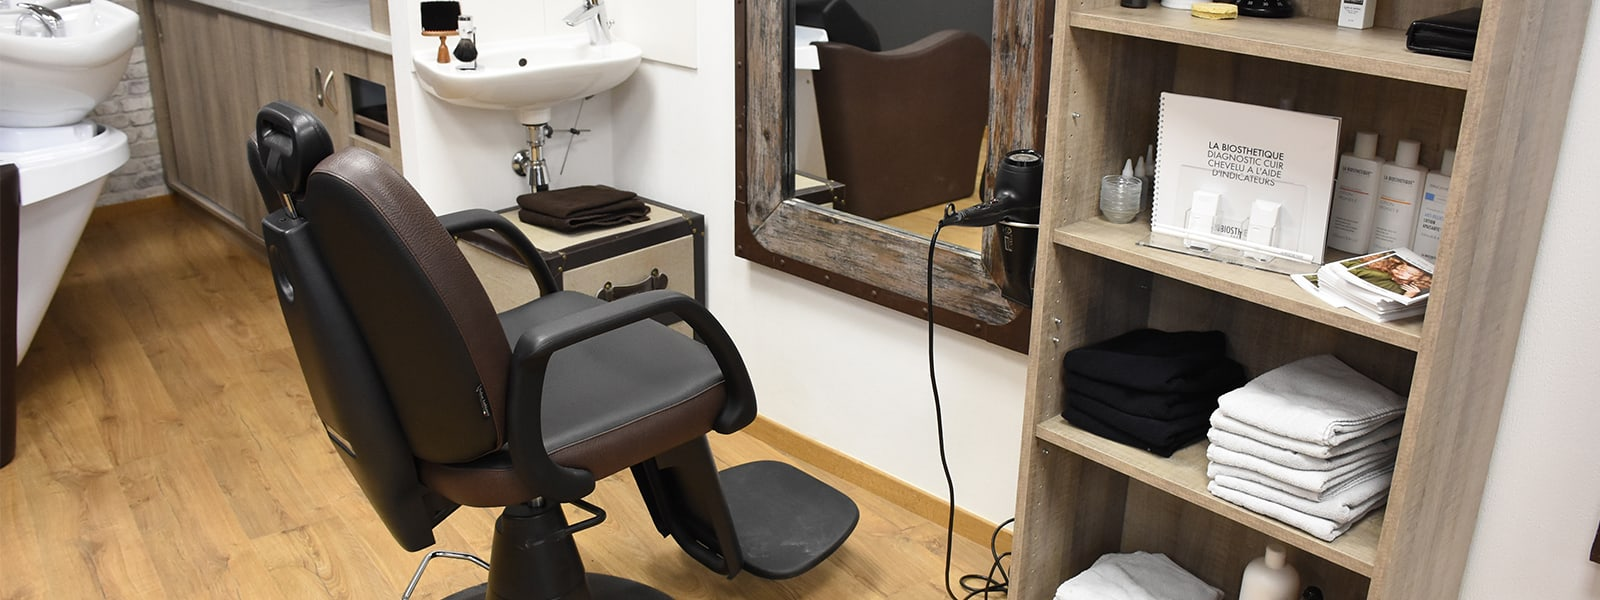 Siège de barbier - Salon de Coiffure à Sarrebourg - Coiffure à l'Image